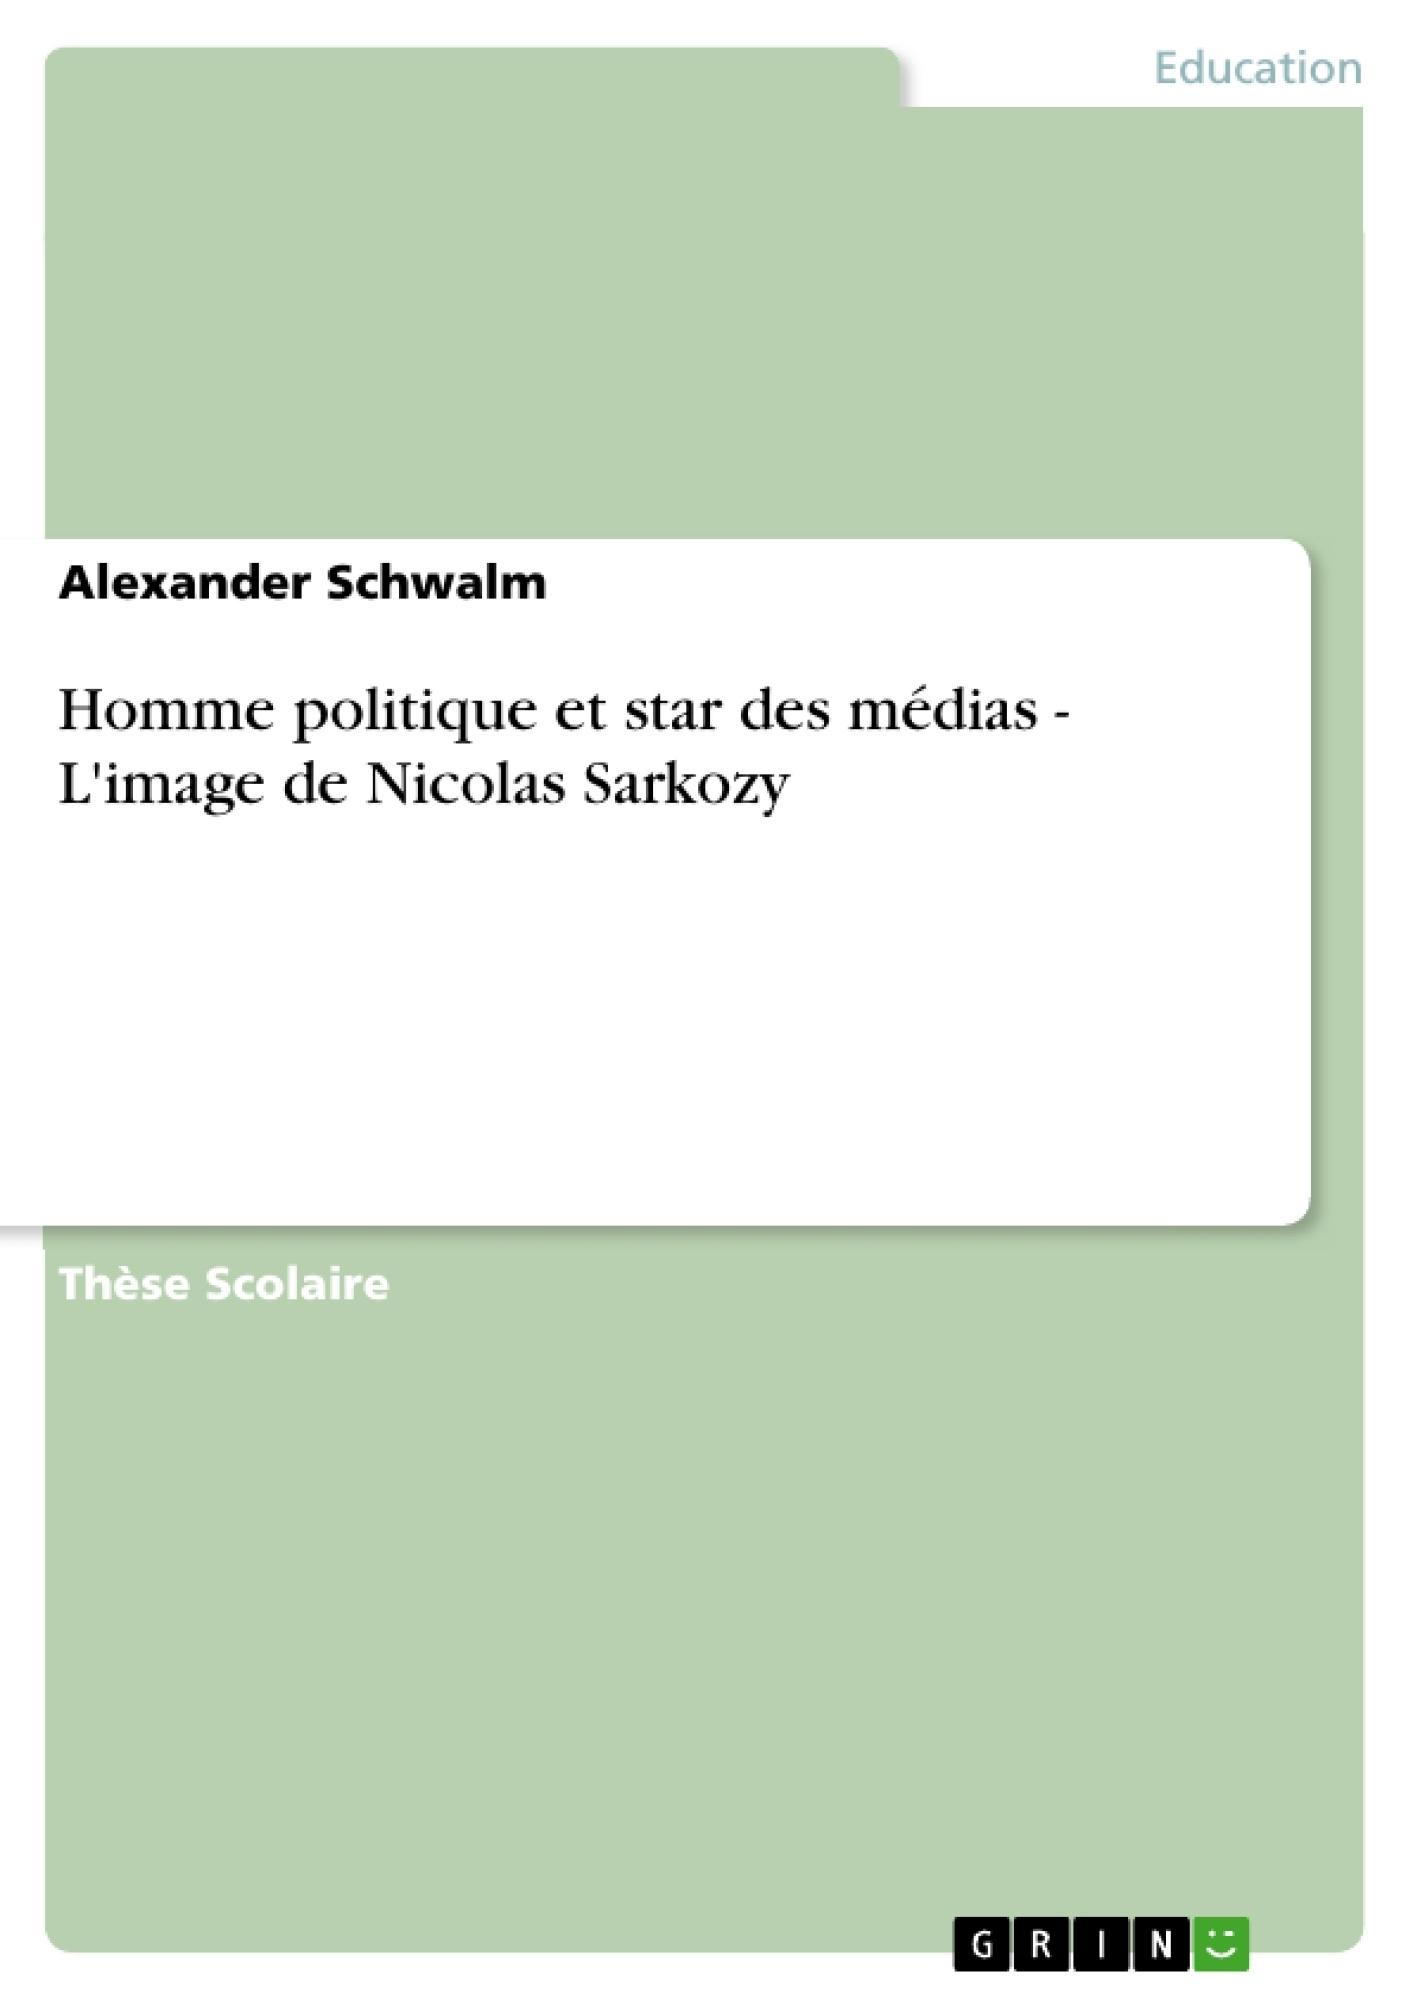 Titre: Homme politique et star des médias - L'image de Nicolas Sarkozy